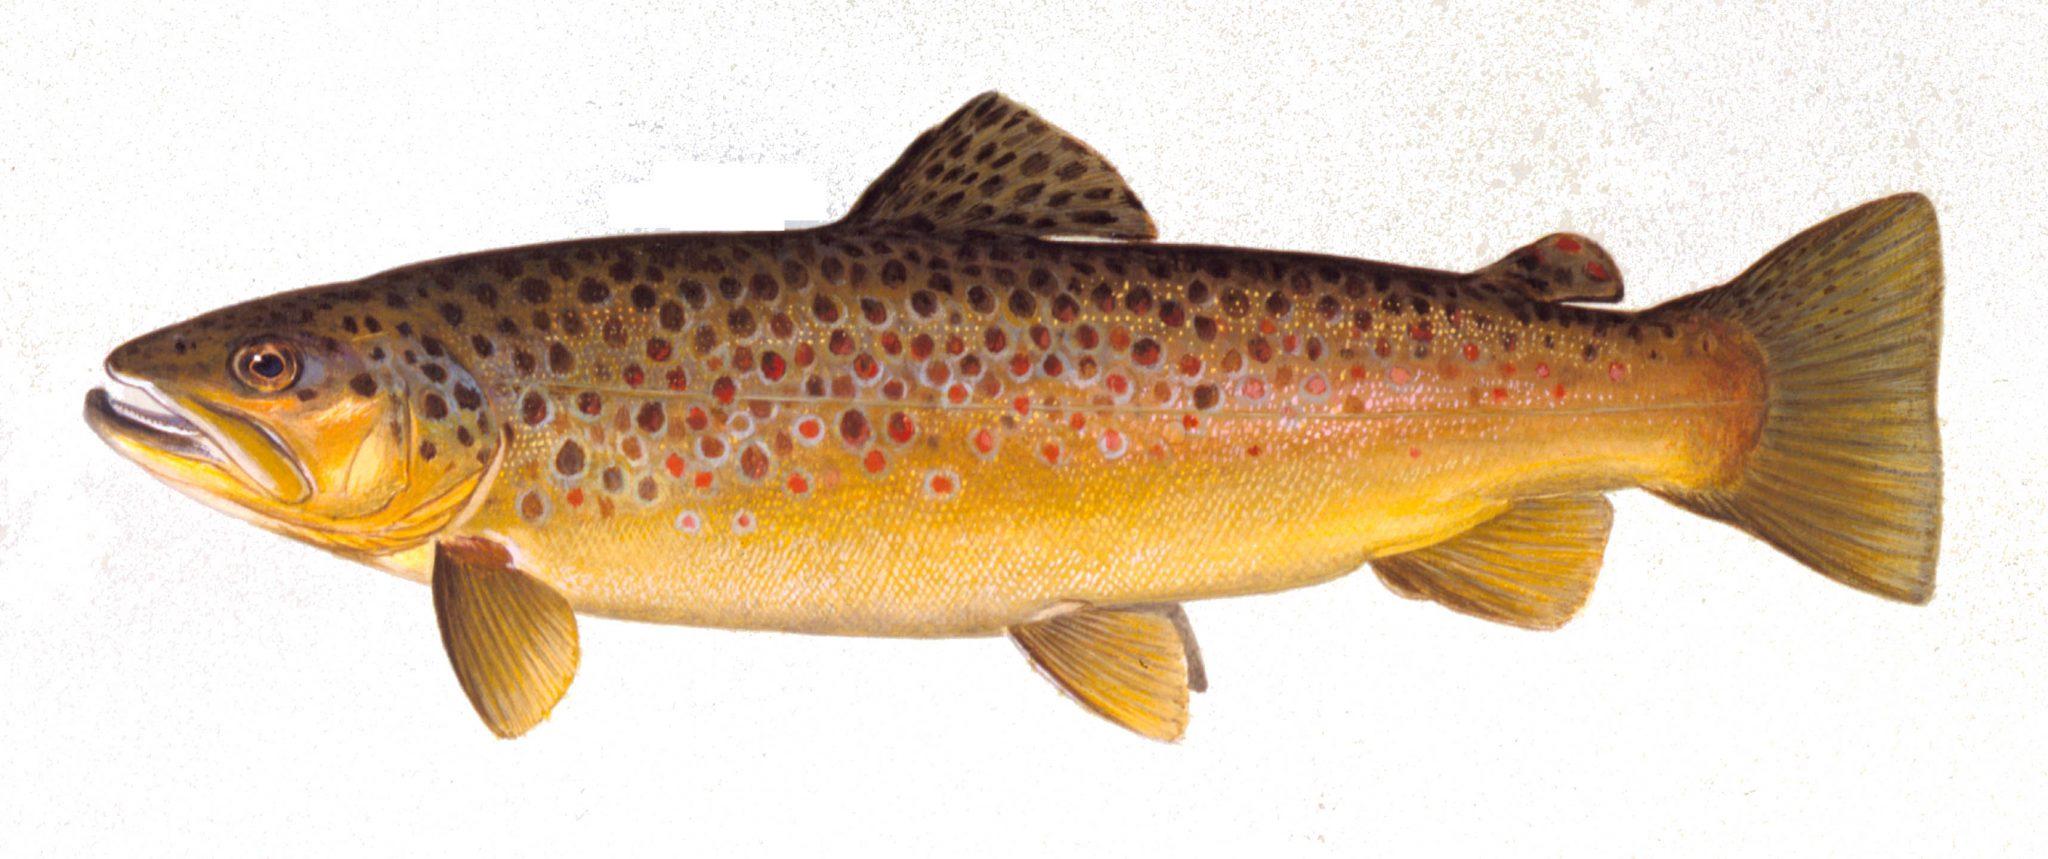 b5243b2023d Brown trout. Each spring ...